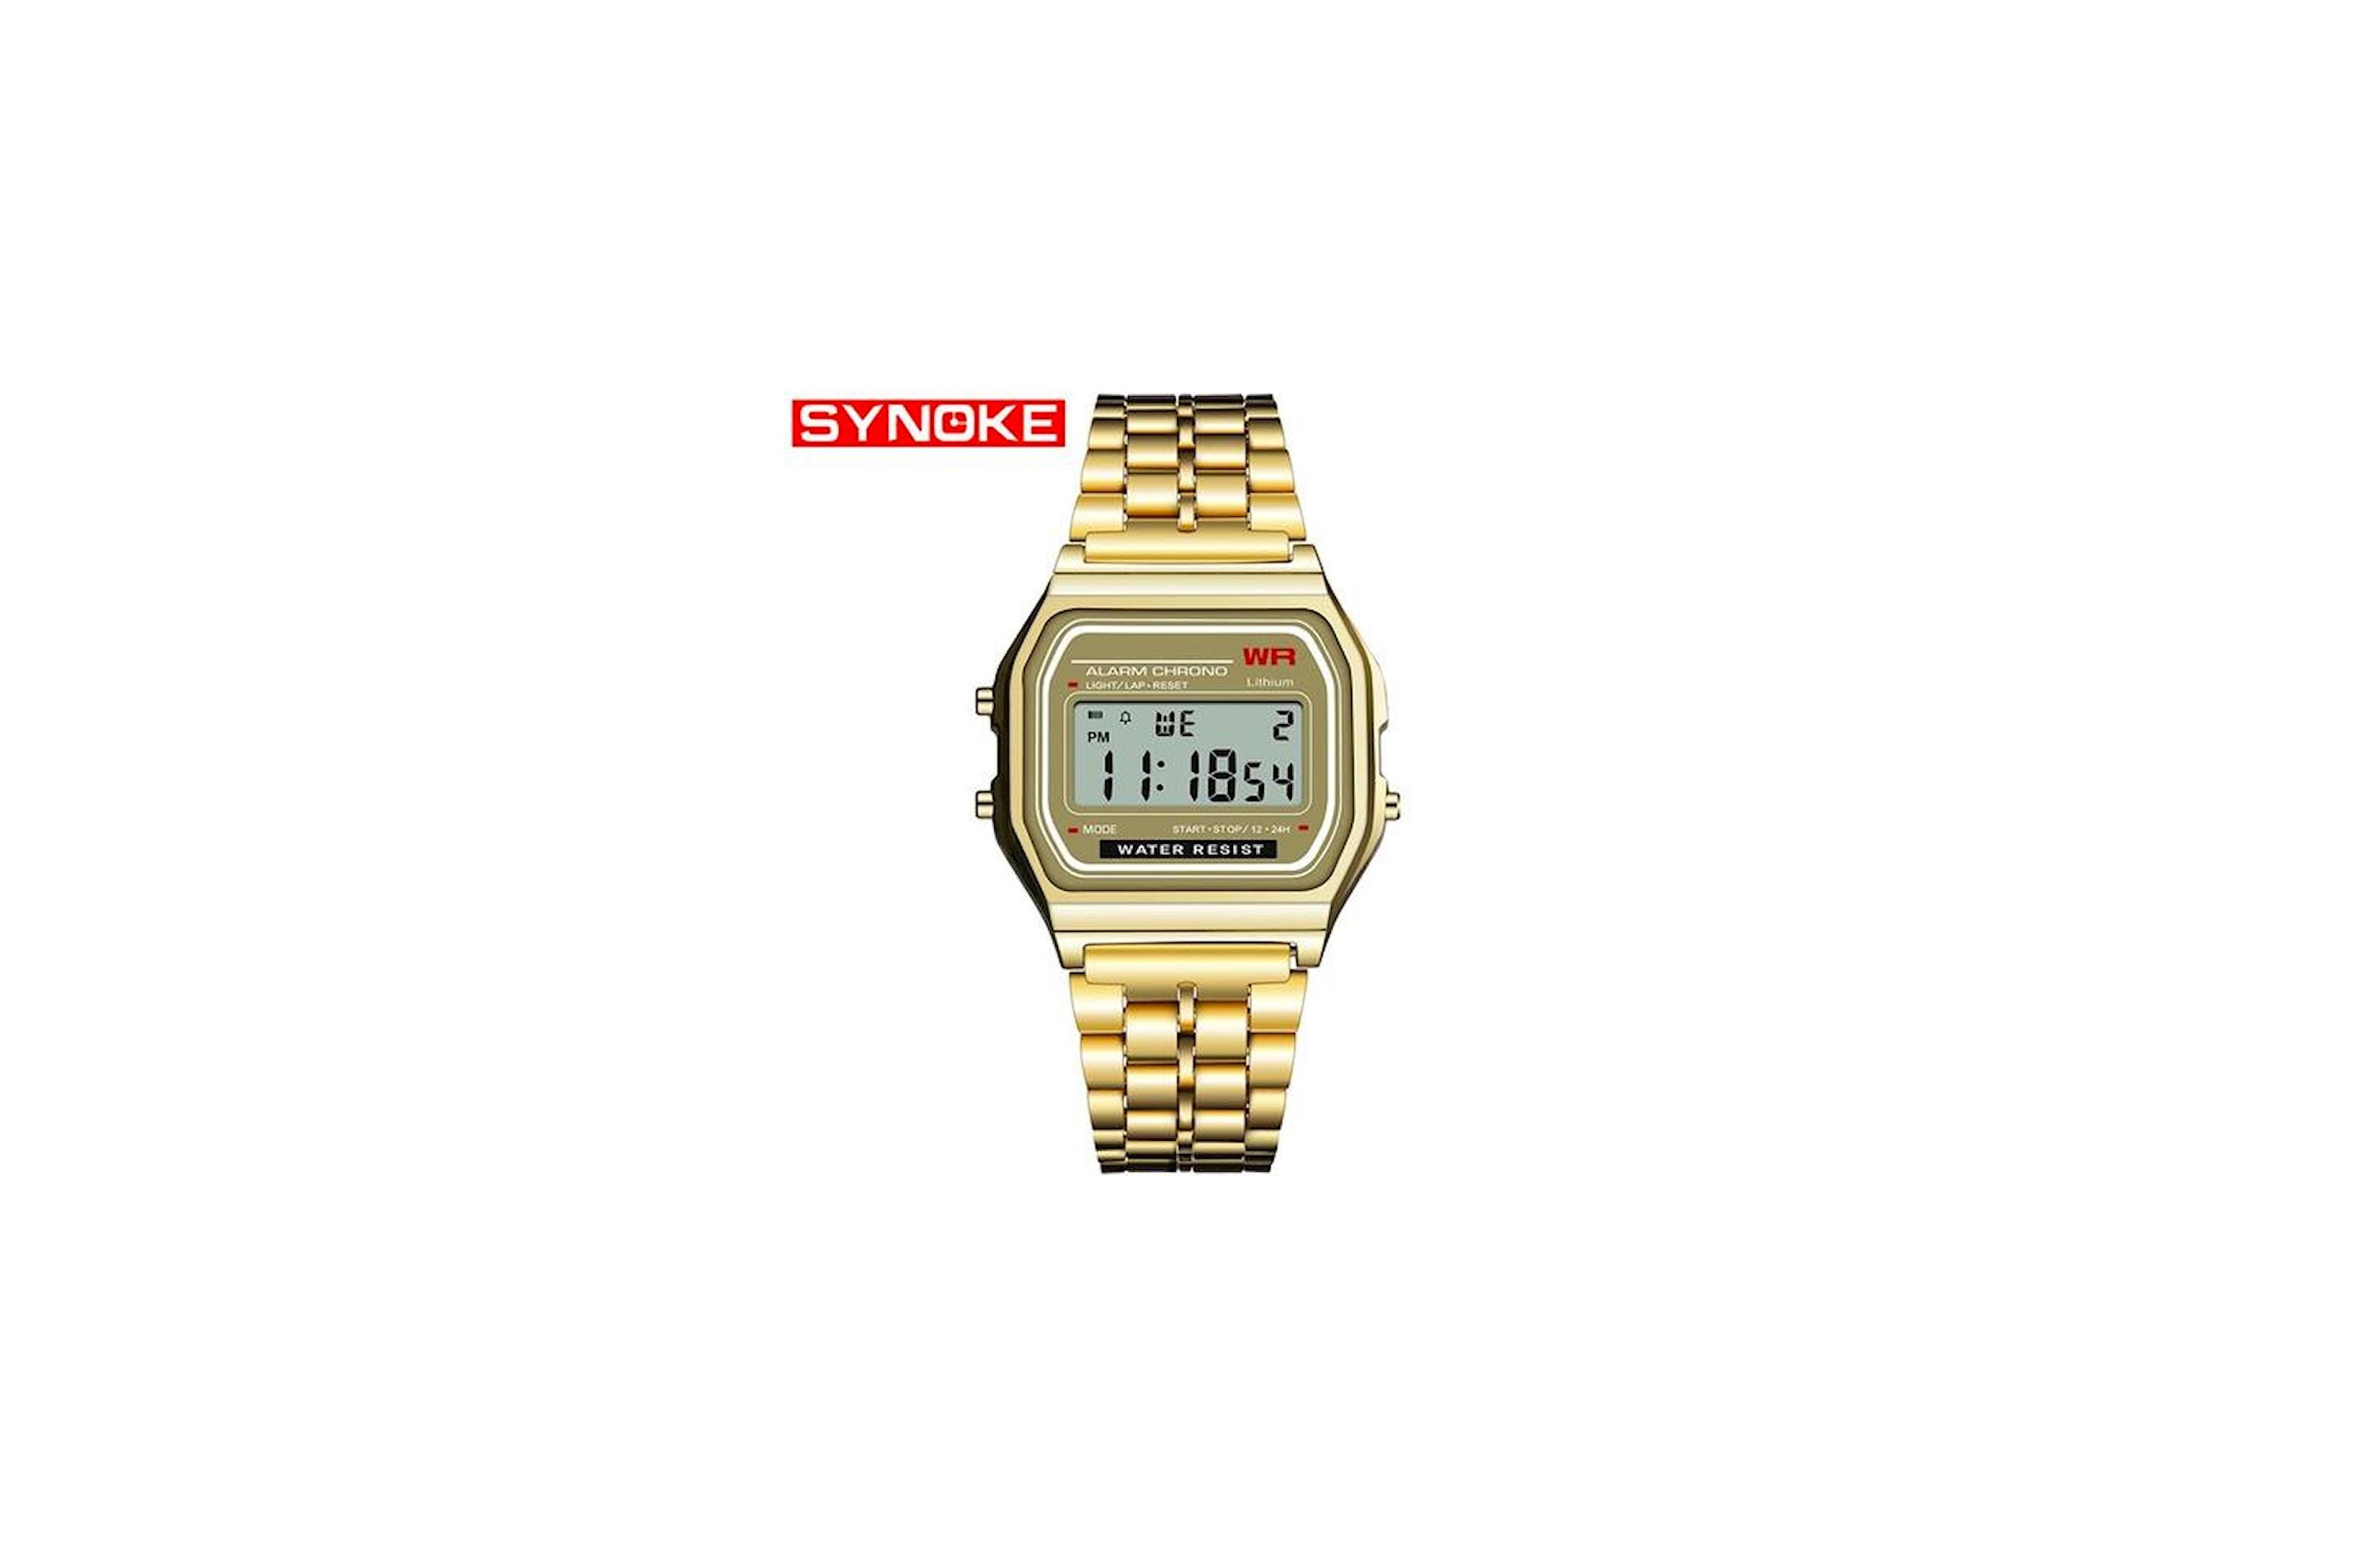 Digital klokke fra Synoke